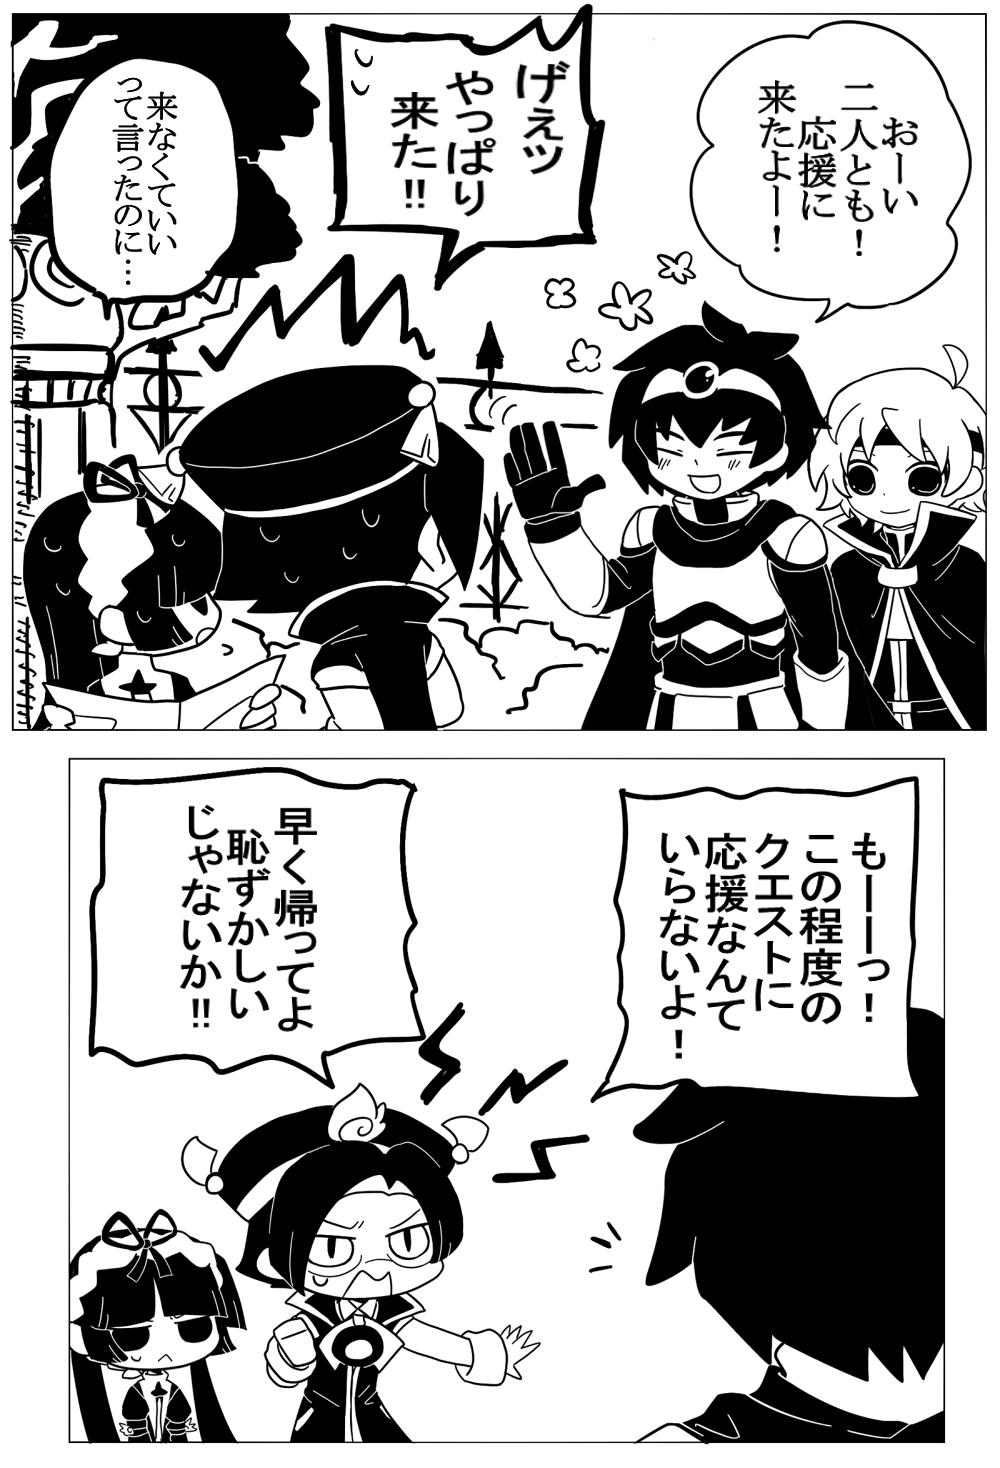 デッキ ぷよ クエ 応援